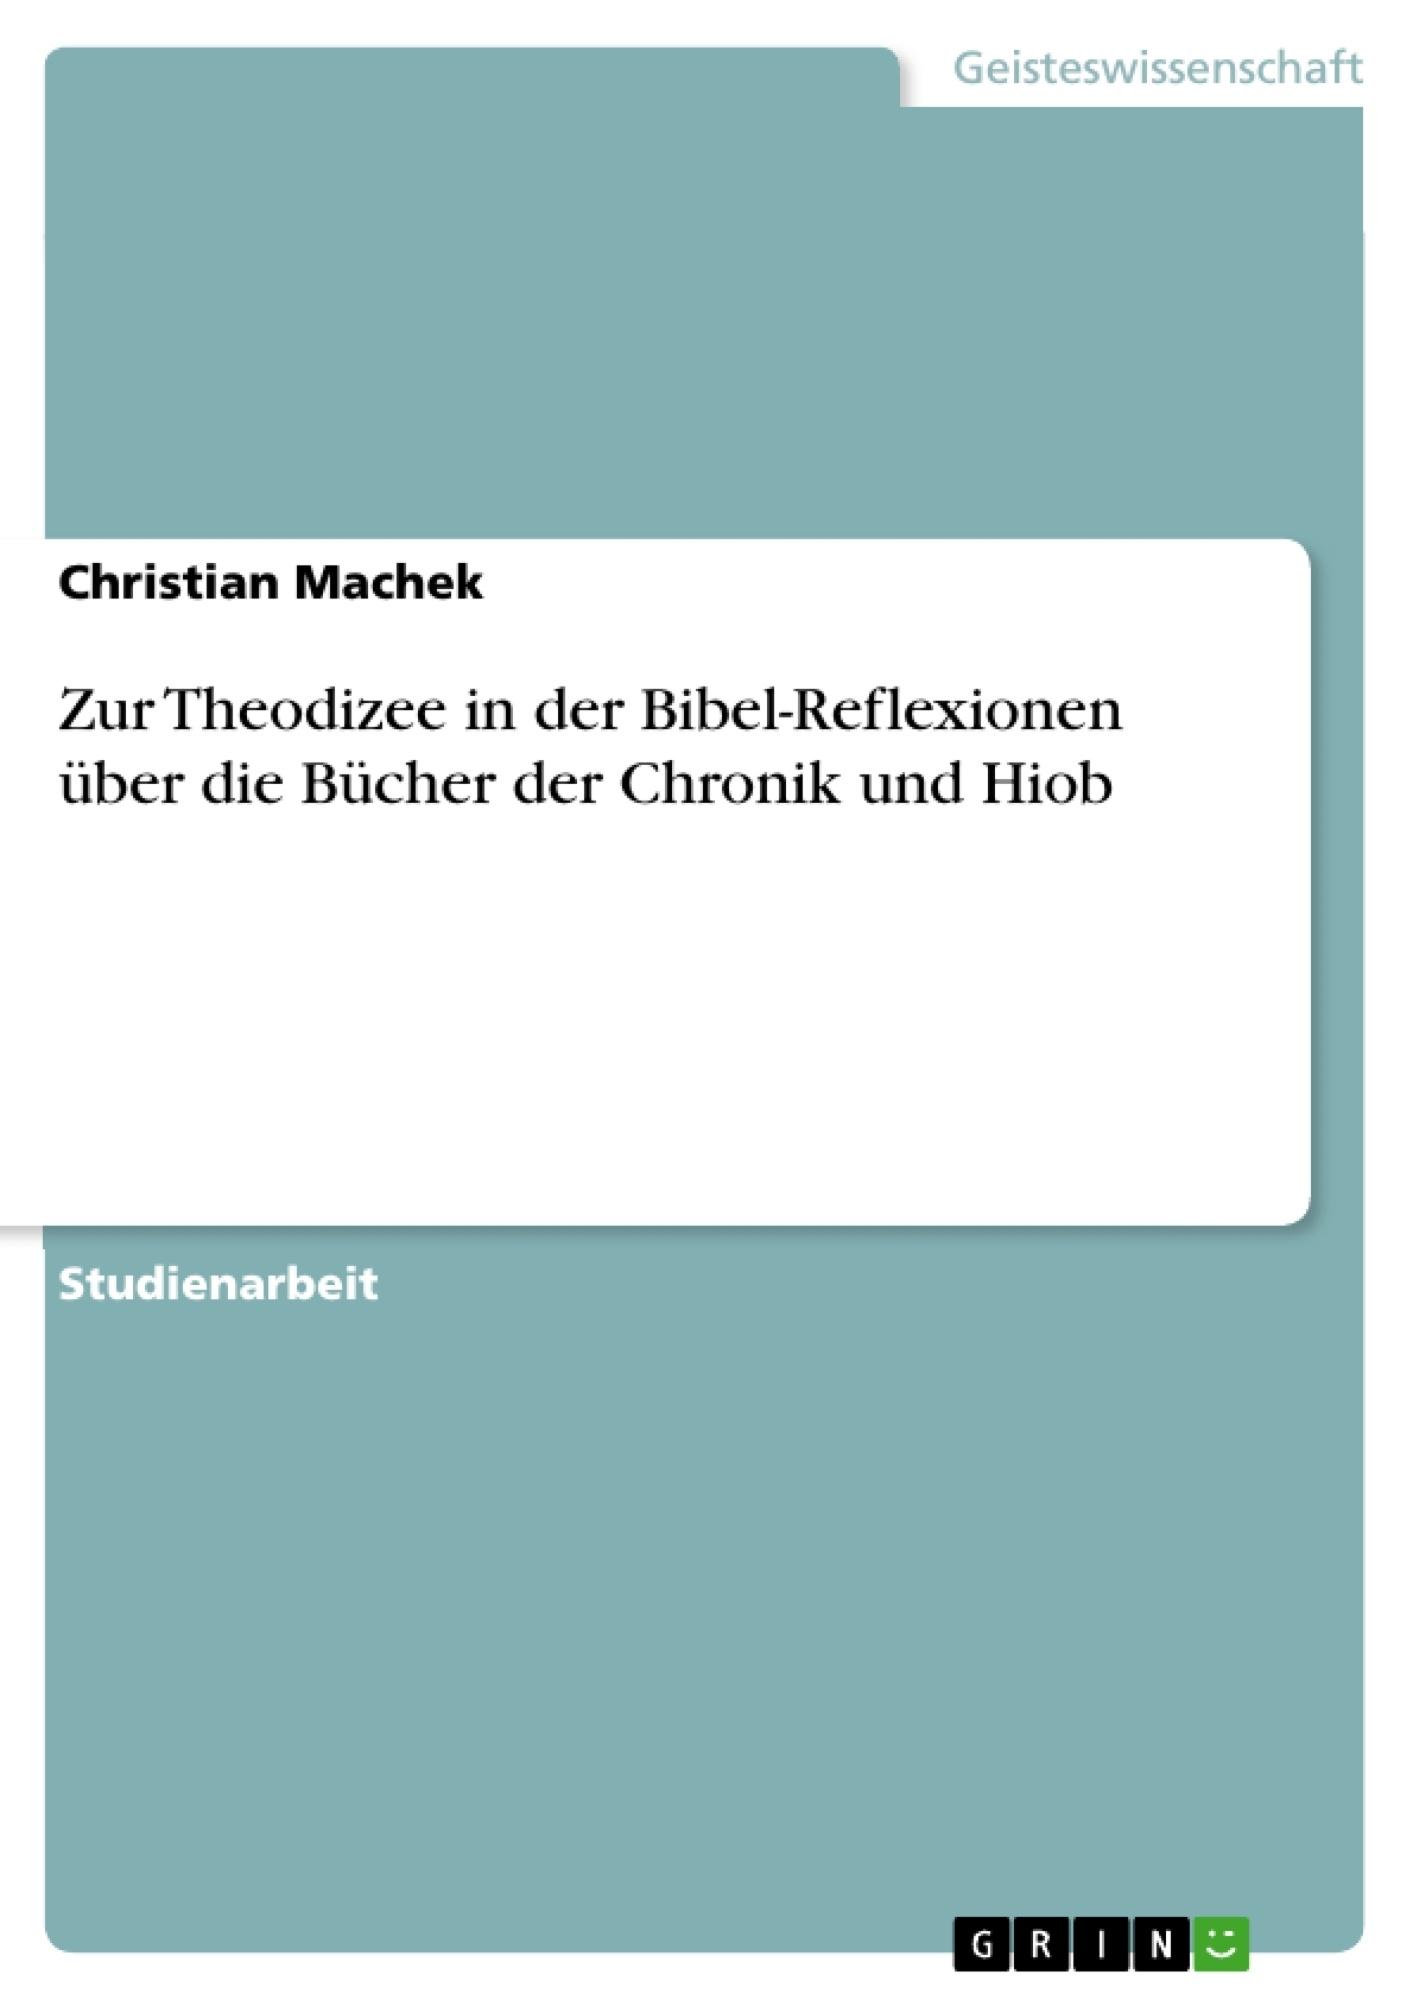 Titel: Zur Theodizee in der Bibel-Reflexionen über die Bücher der Chronik und Hiob